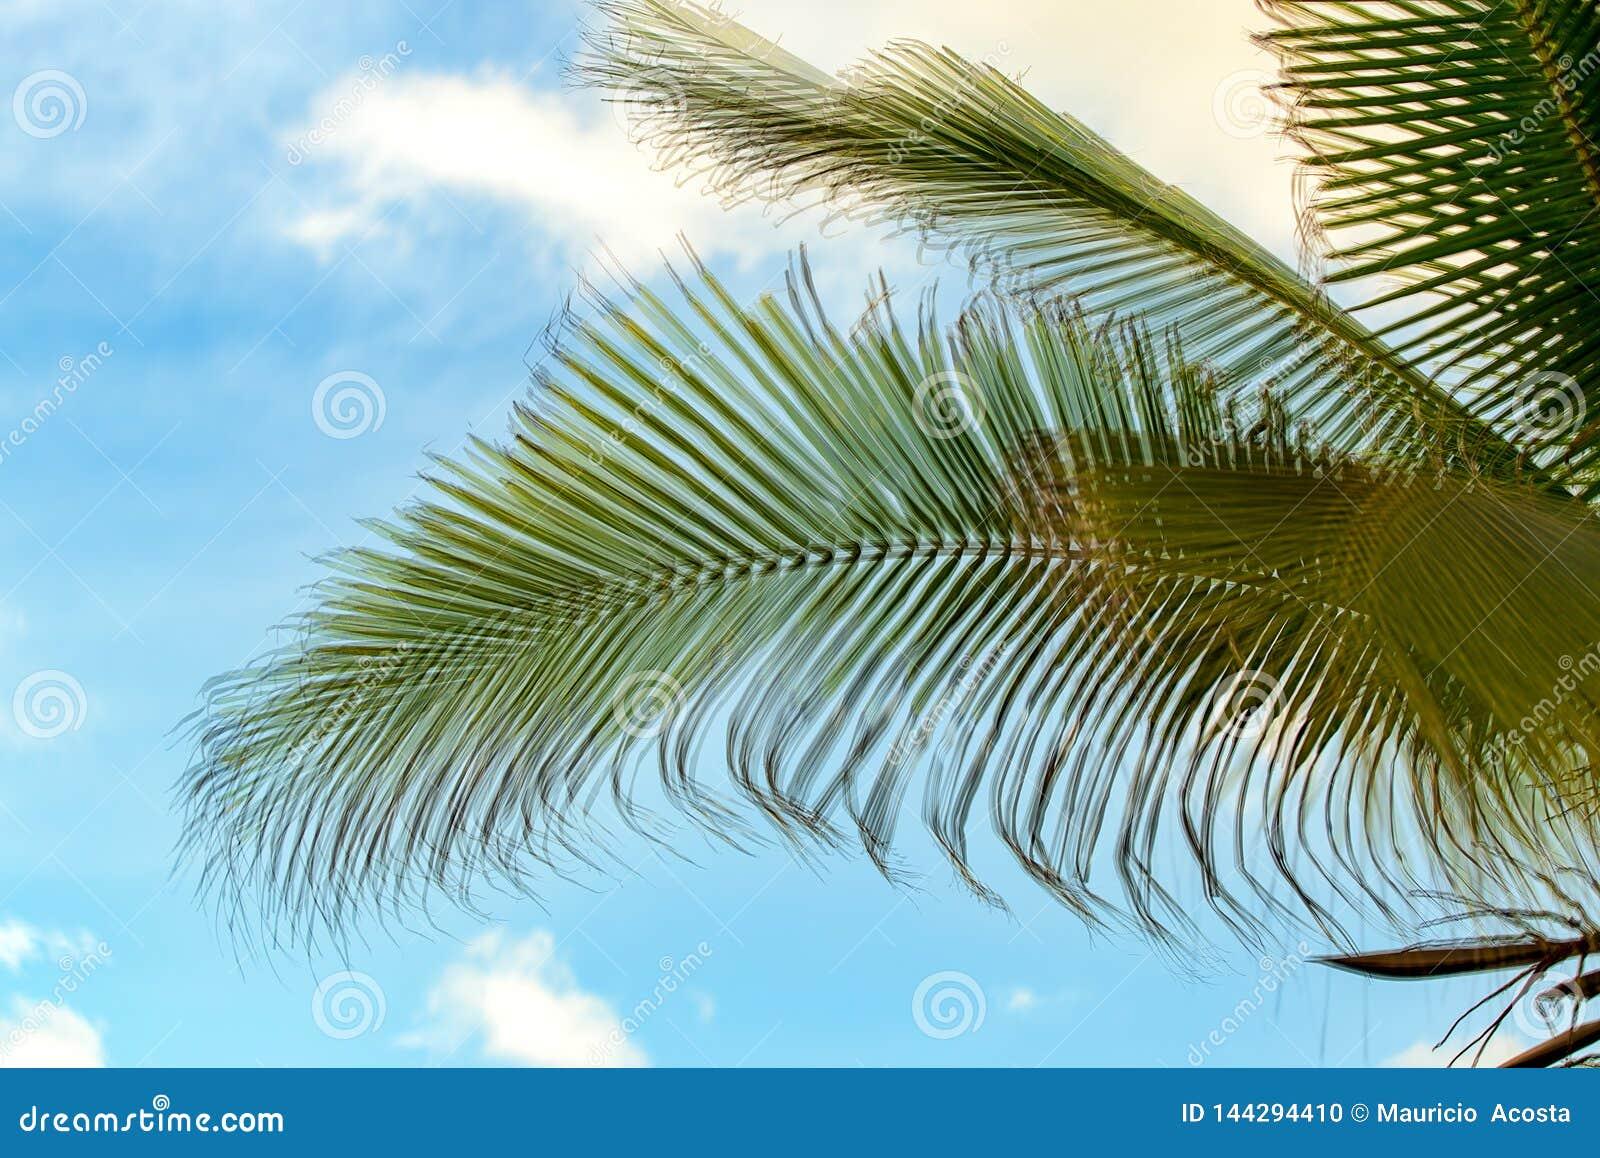 Foglie della palma contro il cielo blu